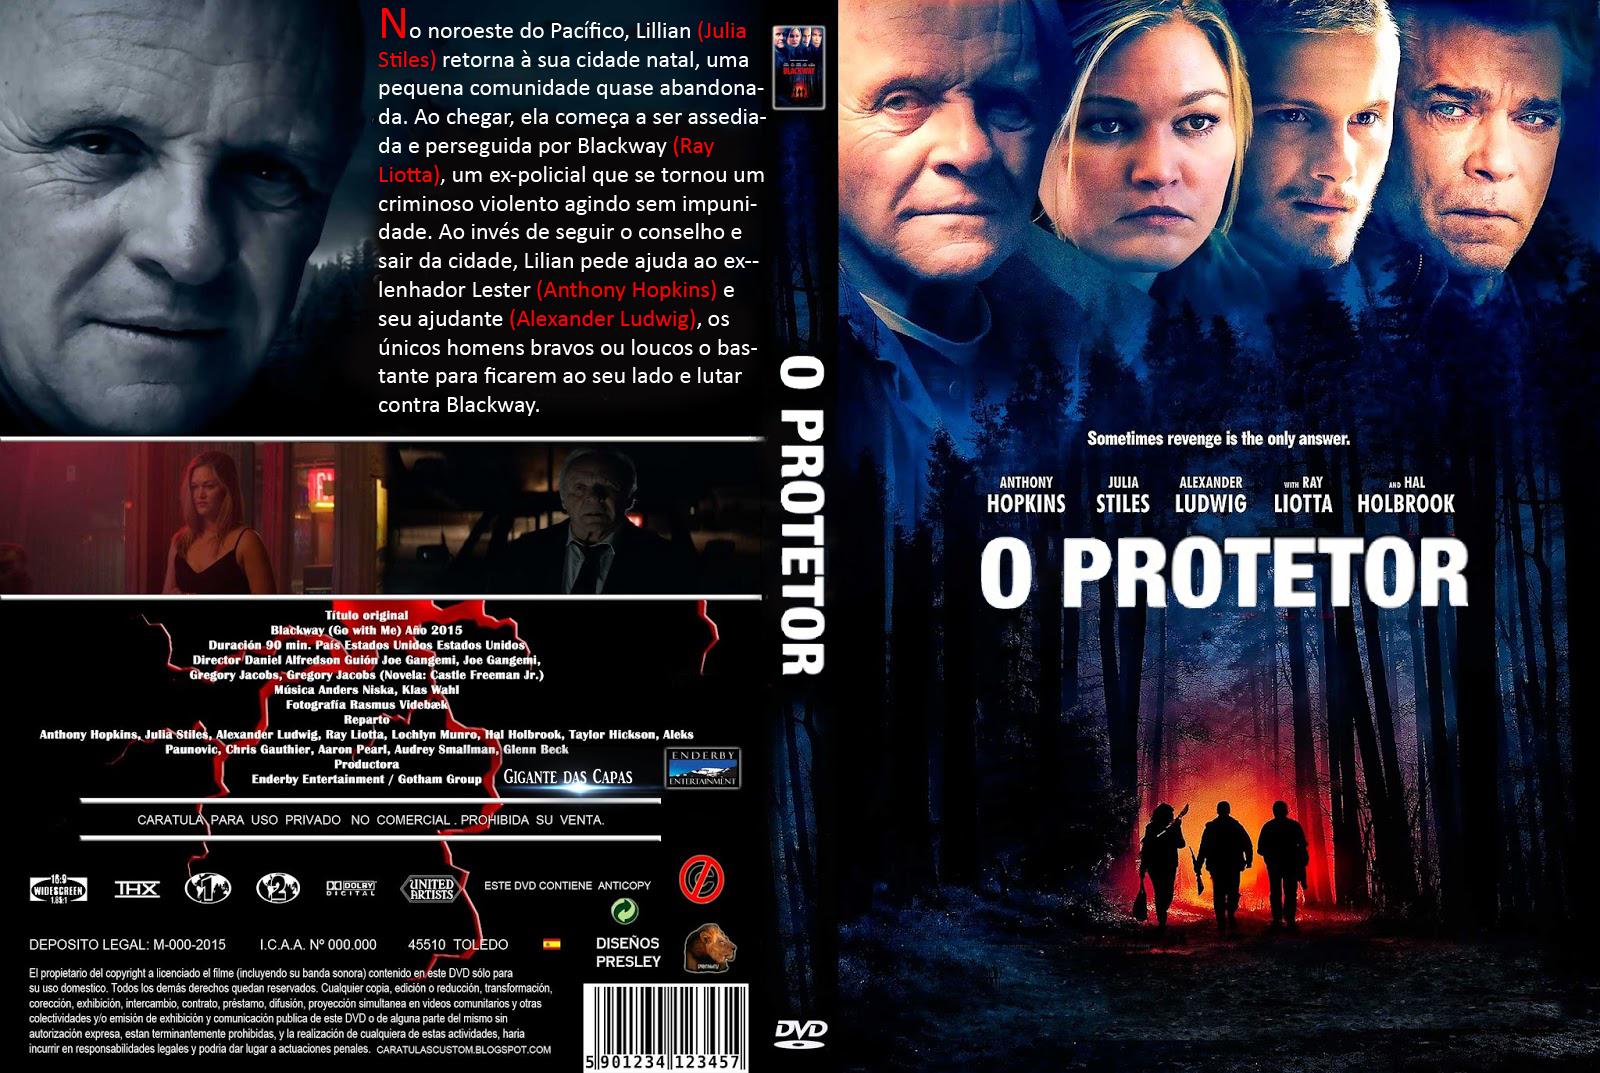 O Protetor DVDRip Dual Áudio O Protetor DVDRip Dual Áudio O 2BProtetor 2B 25282016 2529